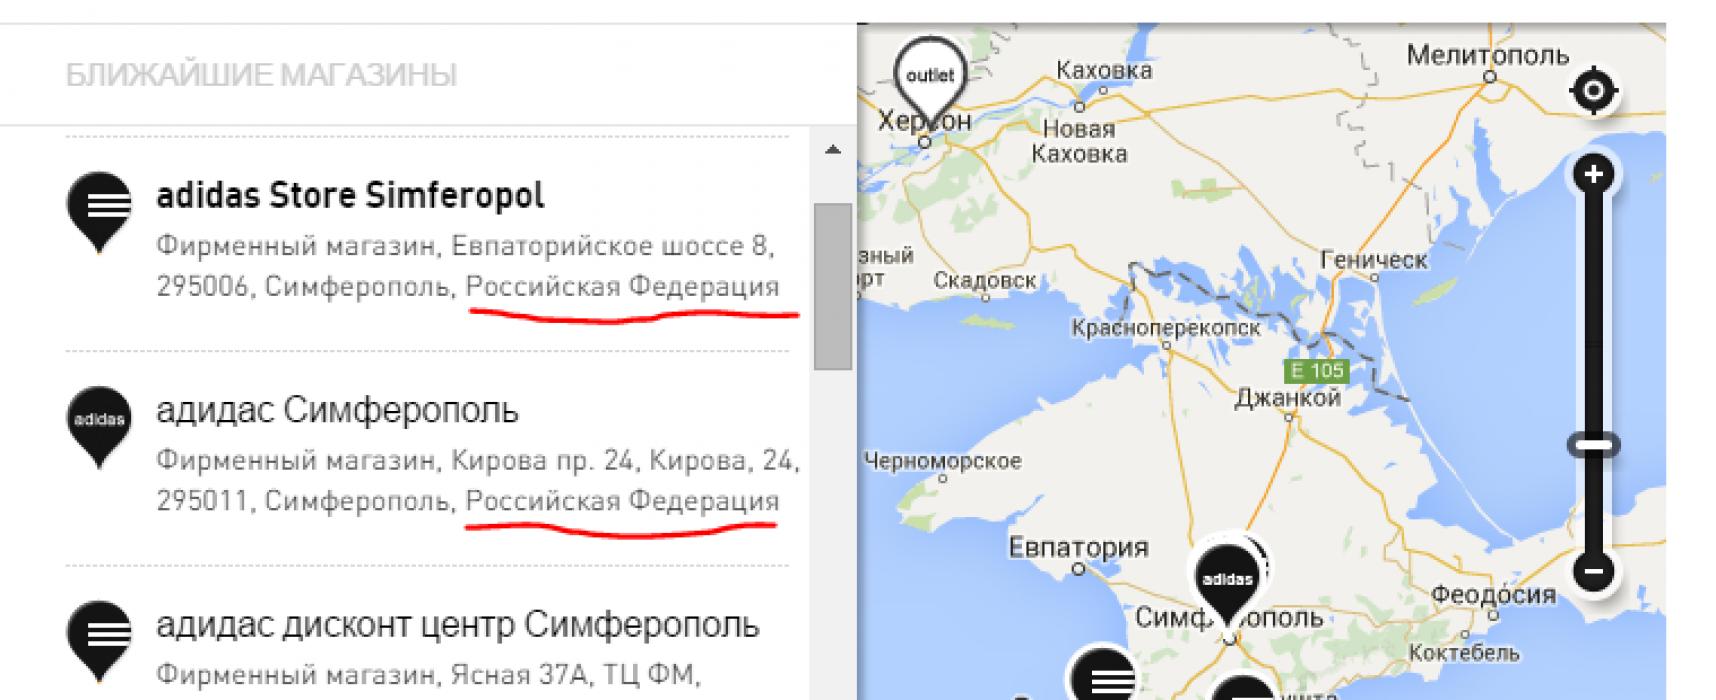 Представители бренда Adidas в РФ убрали со своего сайта все данные о магазинах компании в Крыму